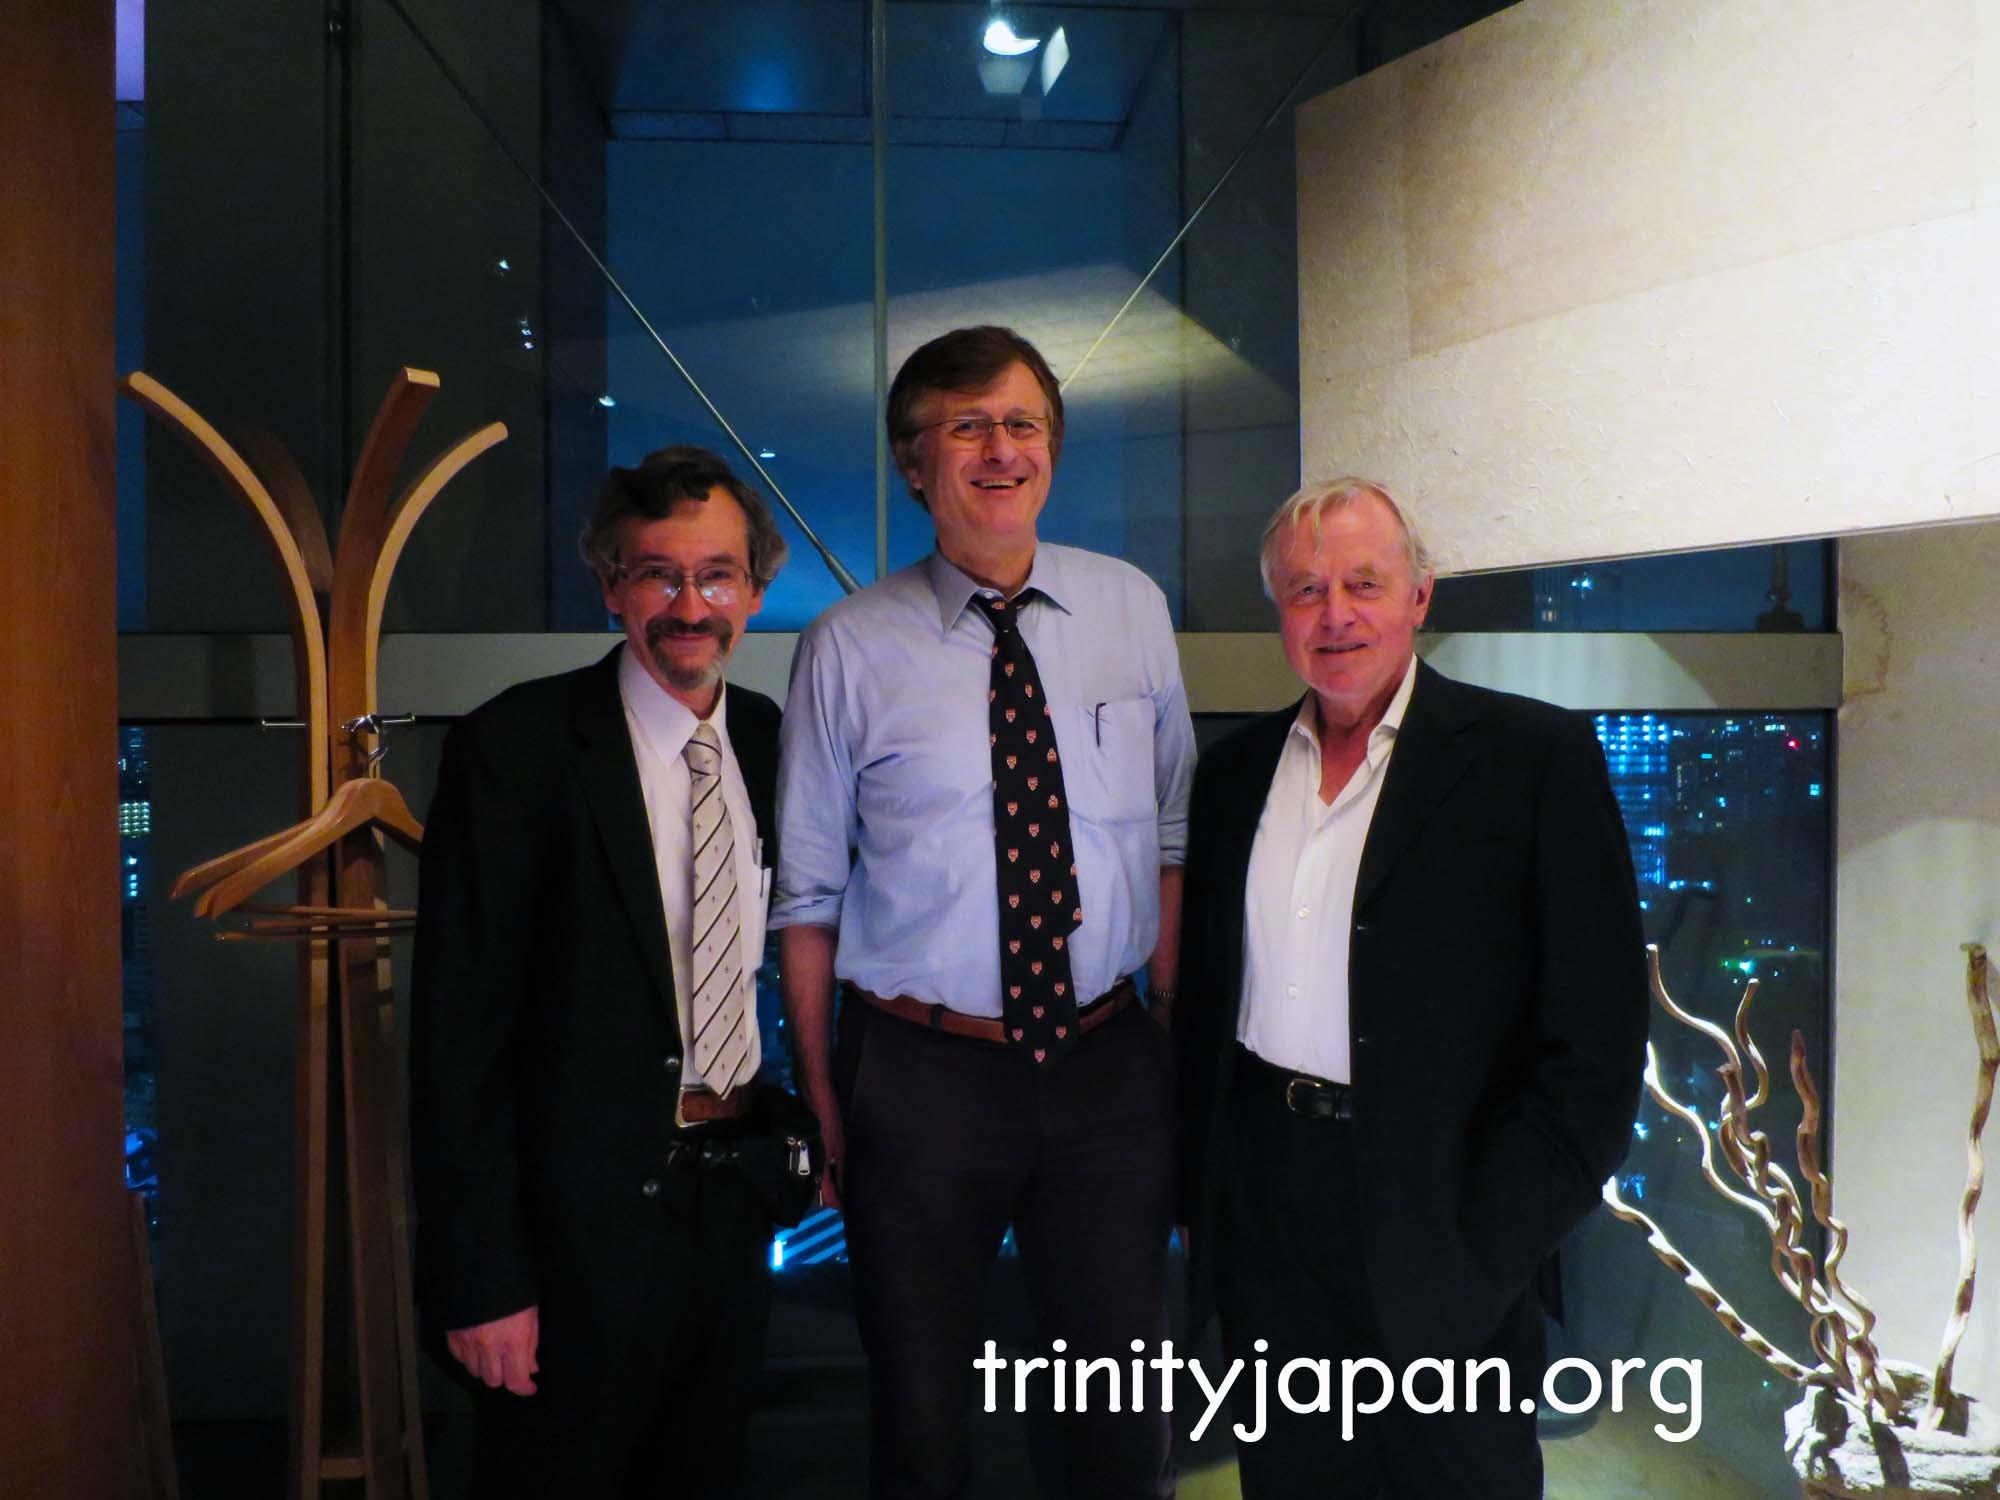 トリニティ・イン・ジャパン・ソサエティの第二回ミーティング